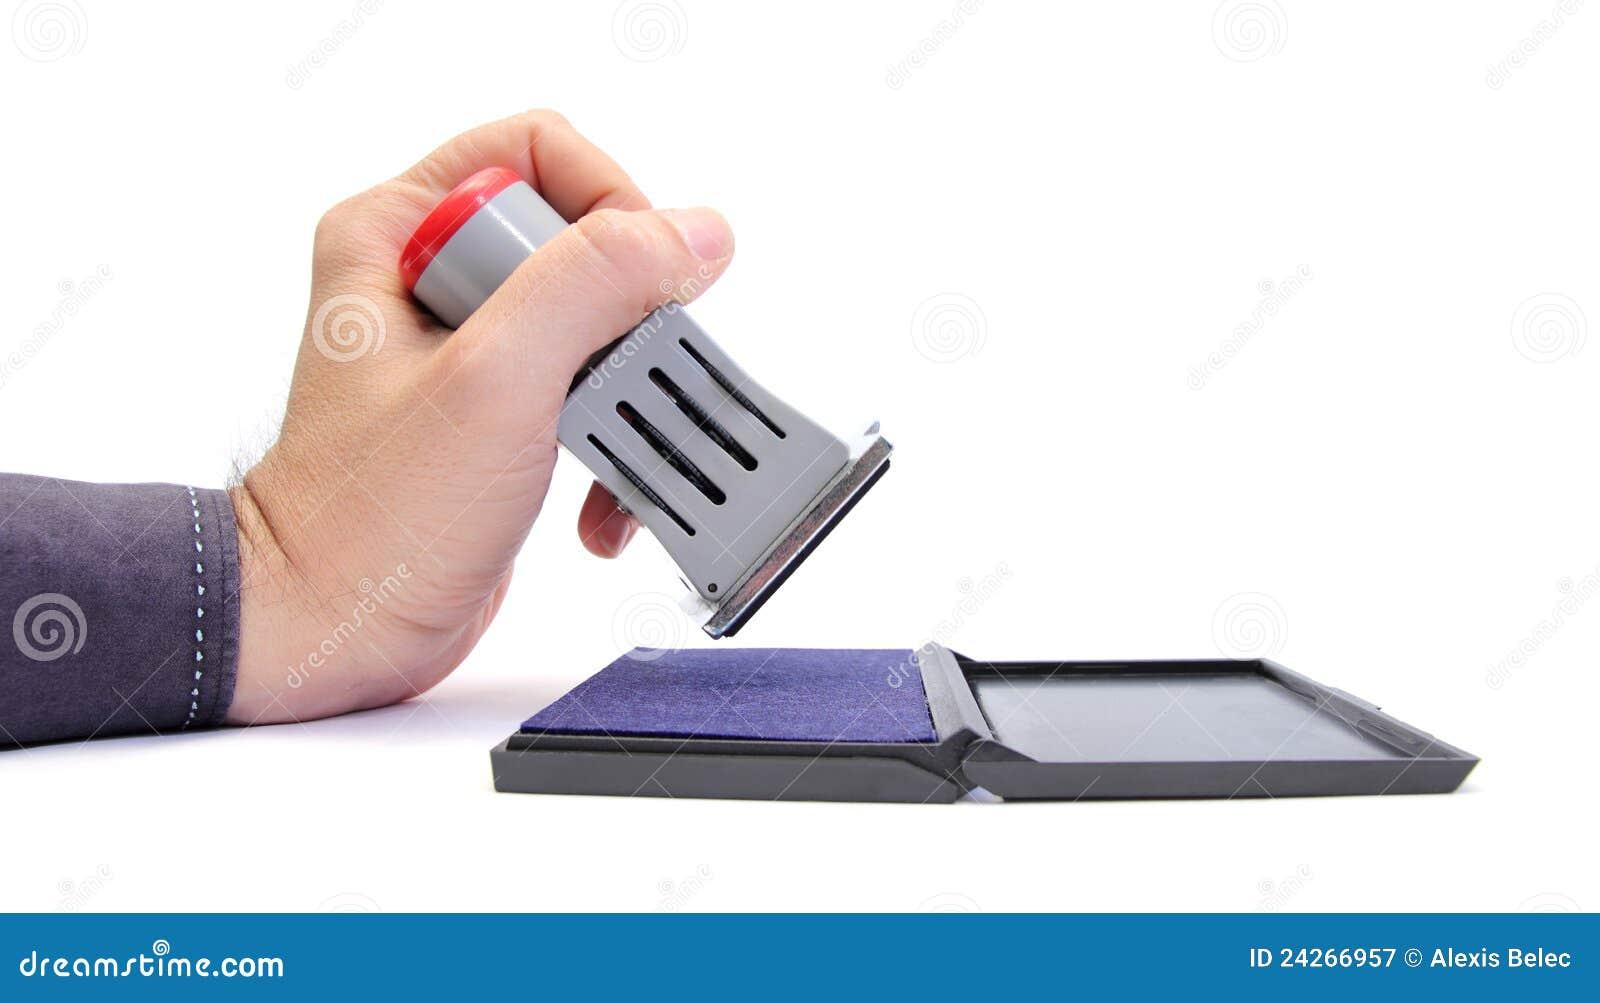 Ink stamper